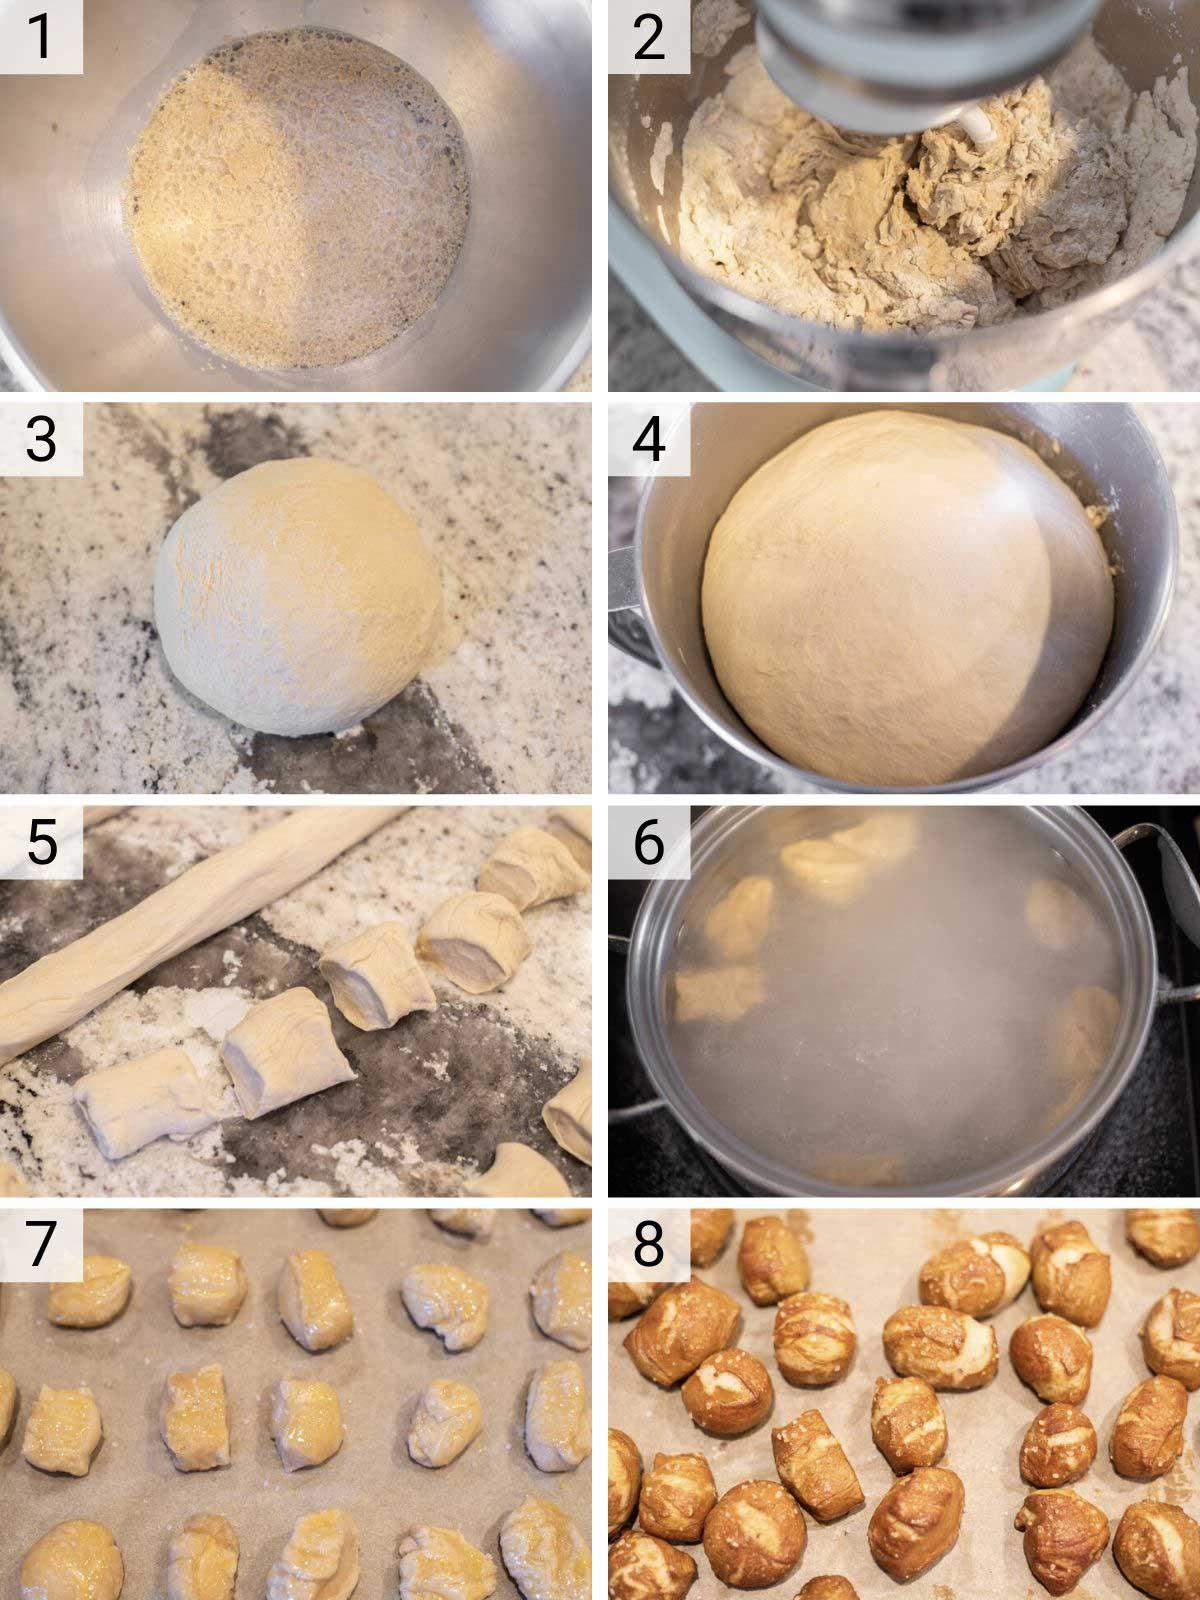 process shots of how to make pretzel bites